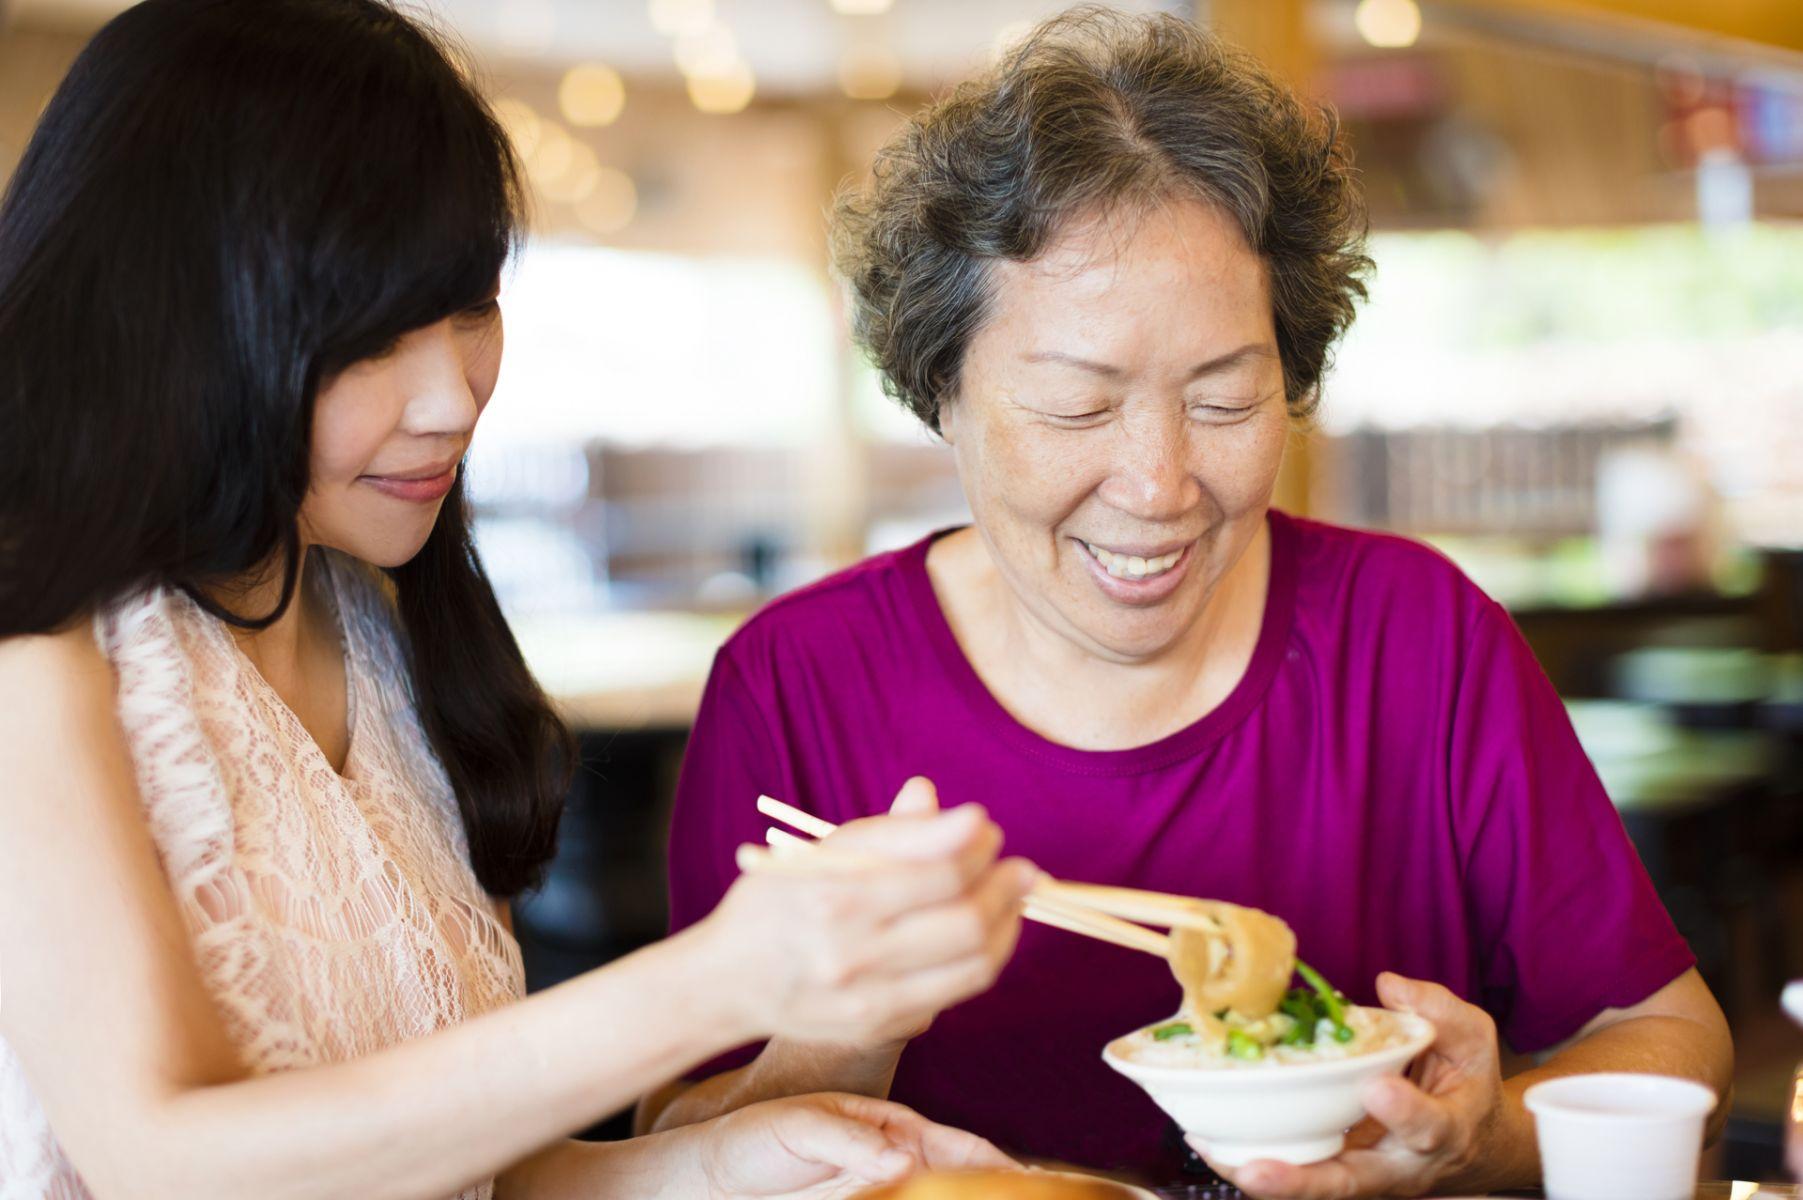 改善長輩吞嚥困難 專家提出5項建議